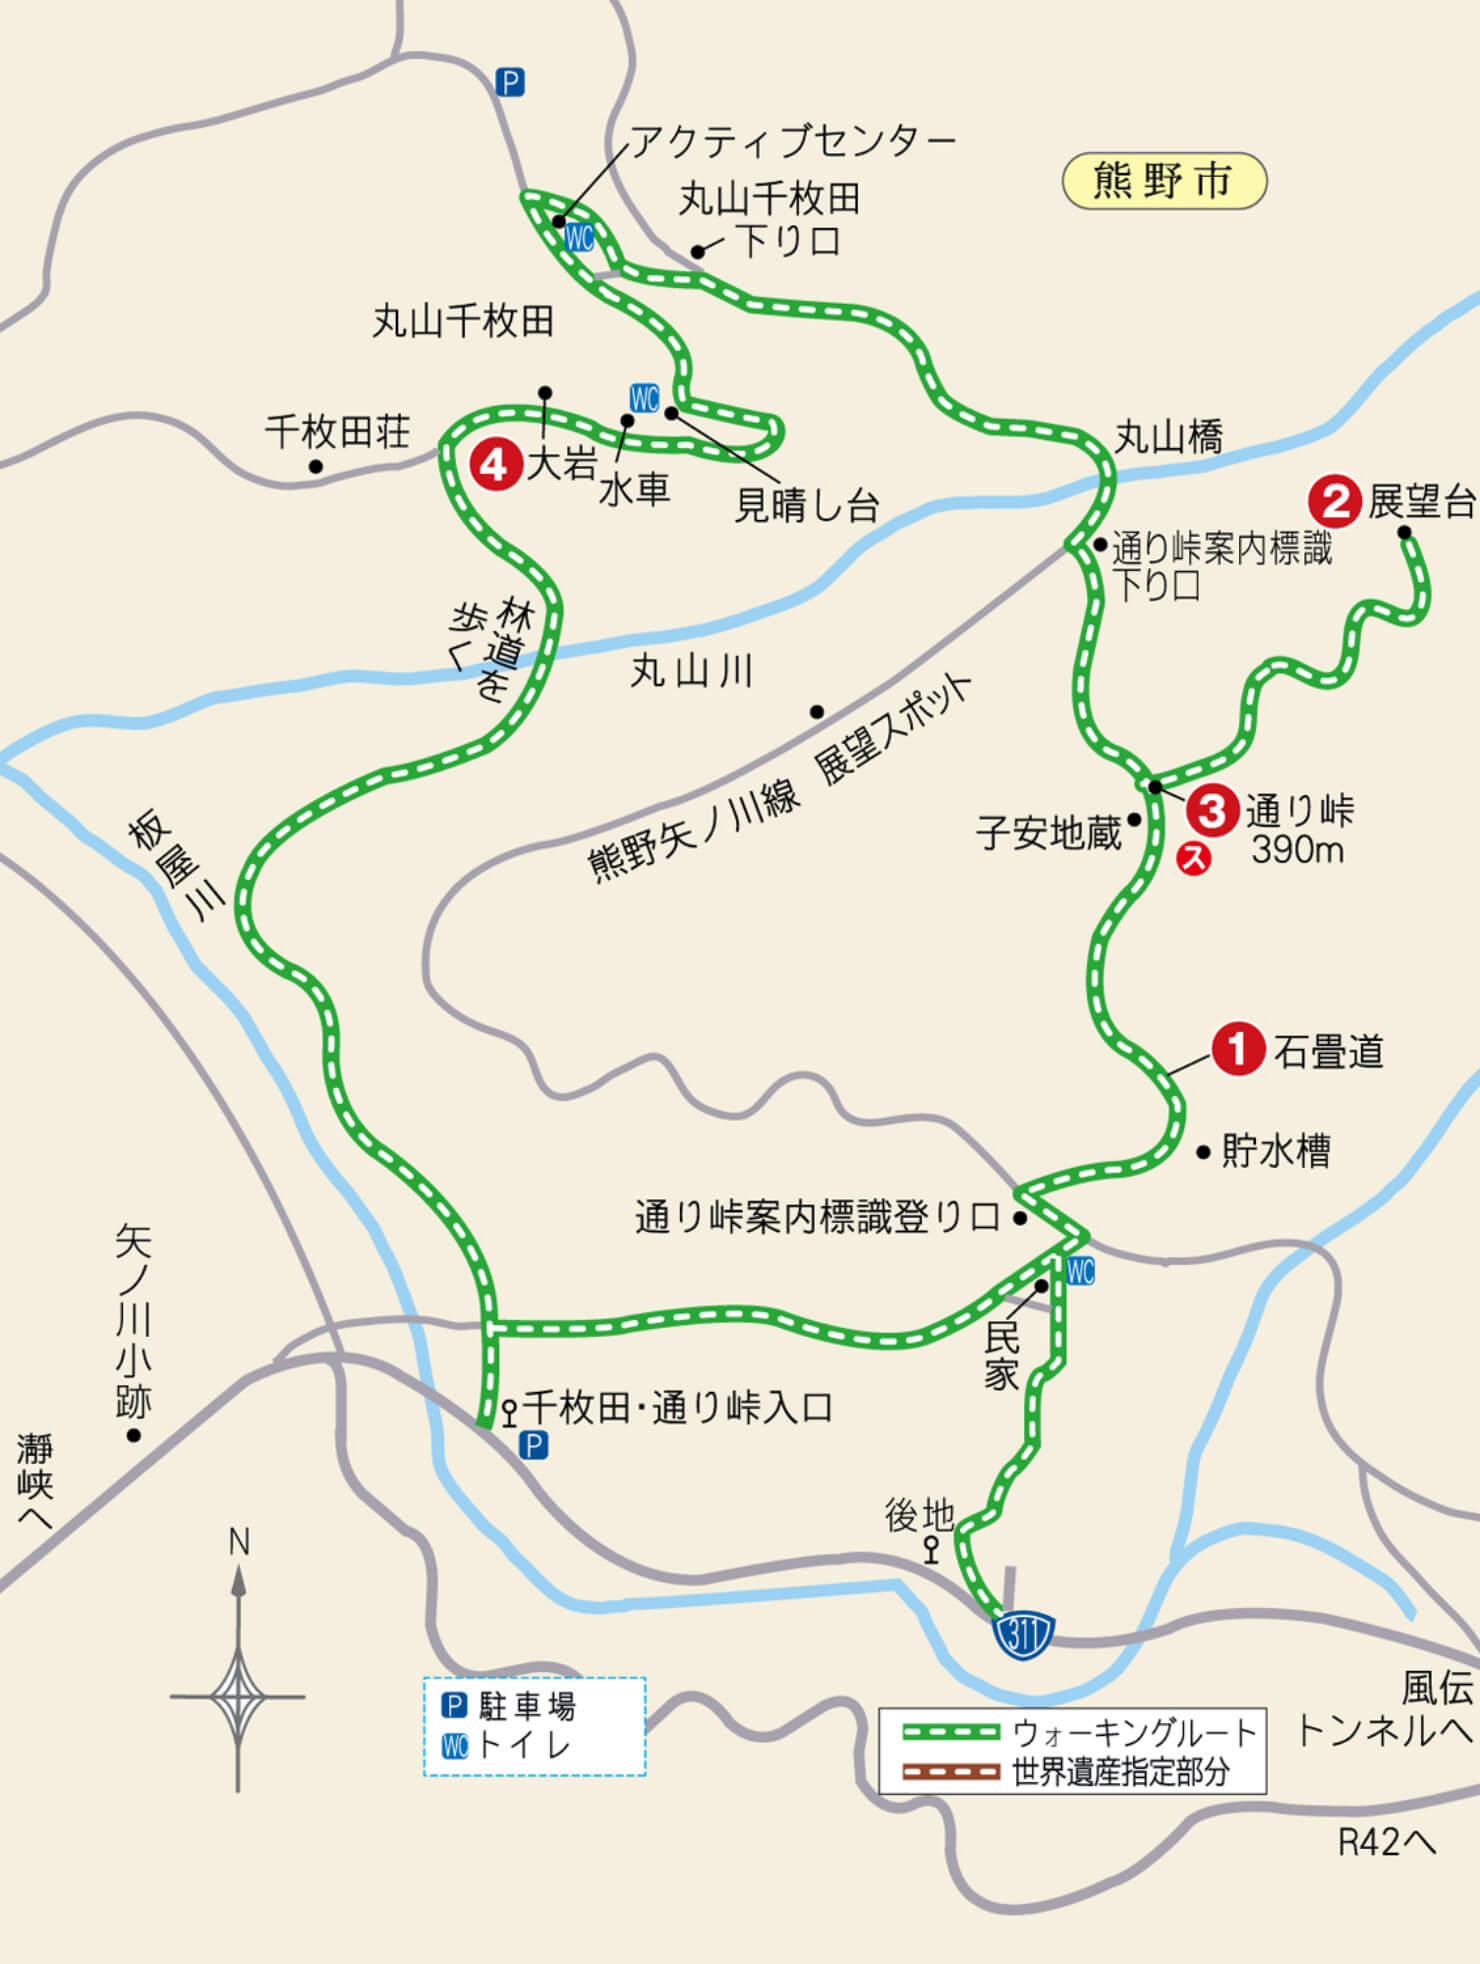 通り峠道と丸山千枚田地図